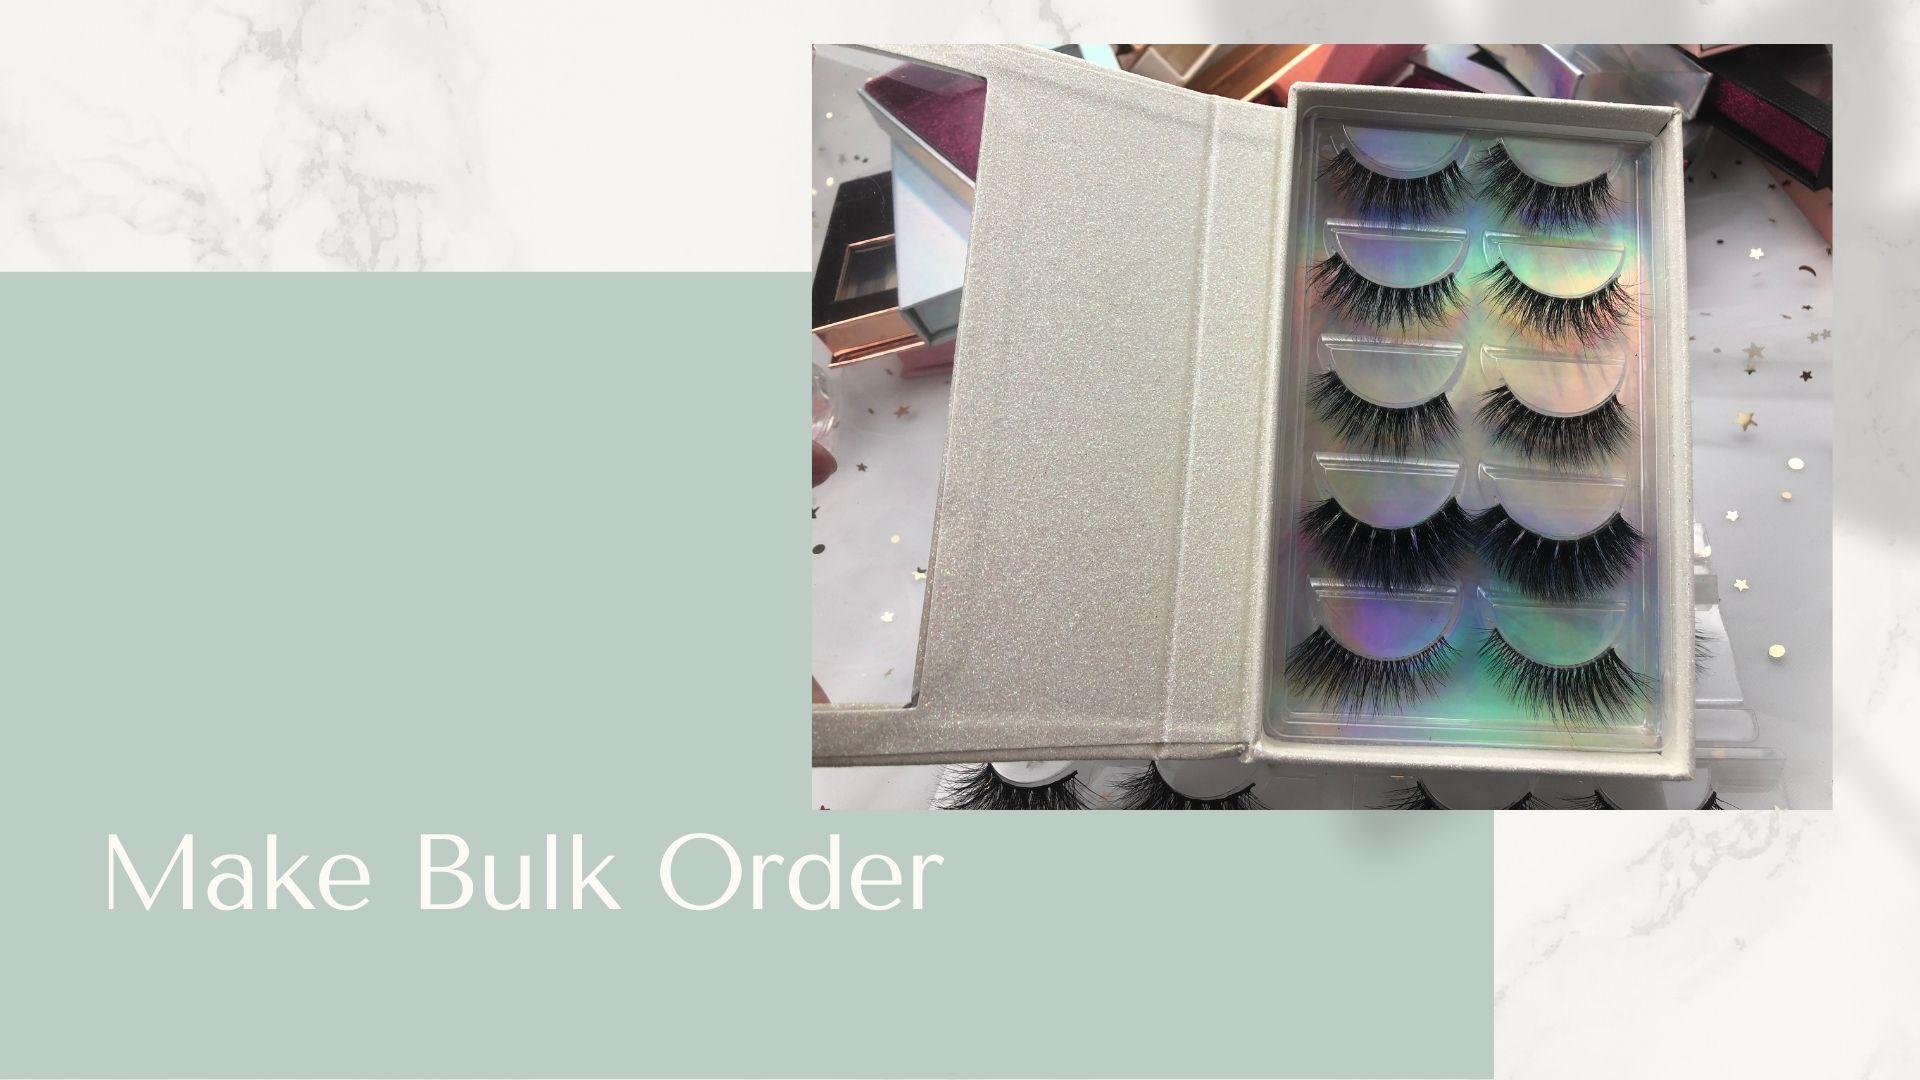 Make Bulk Order